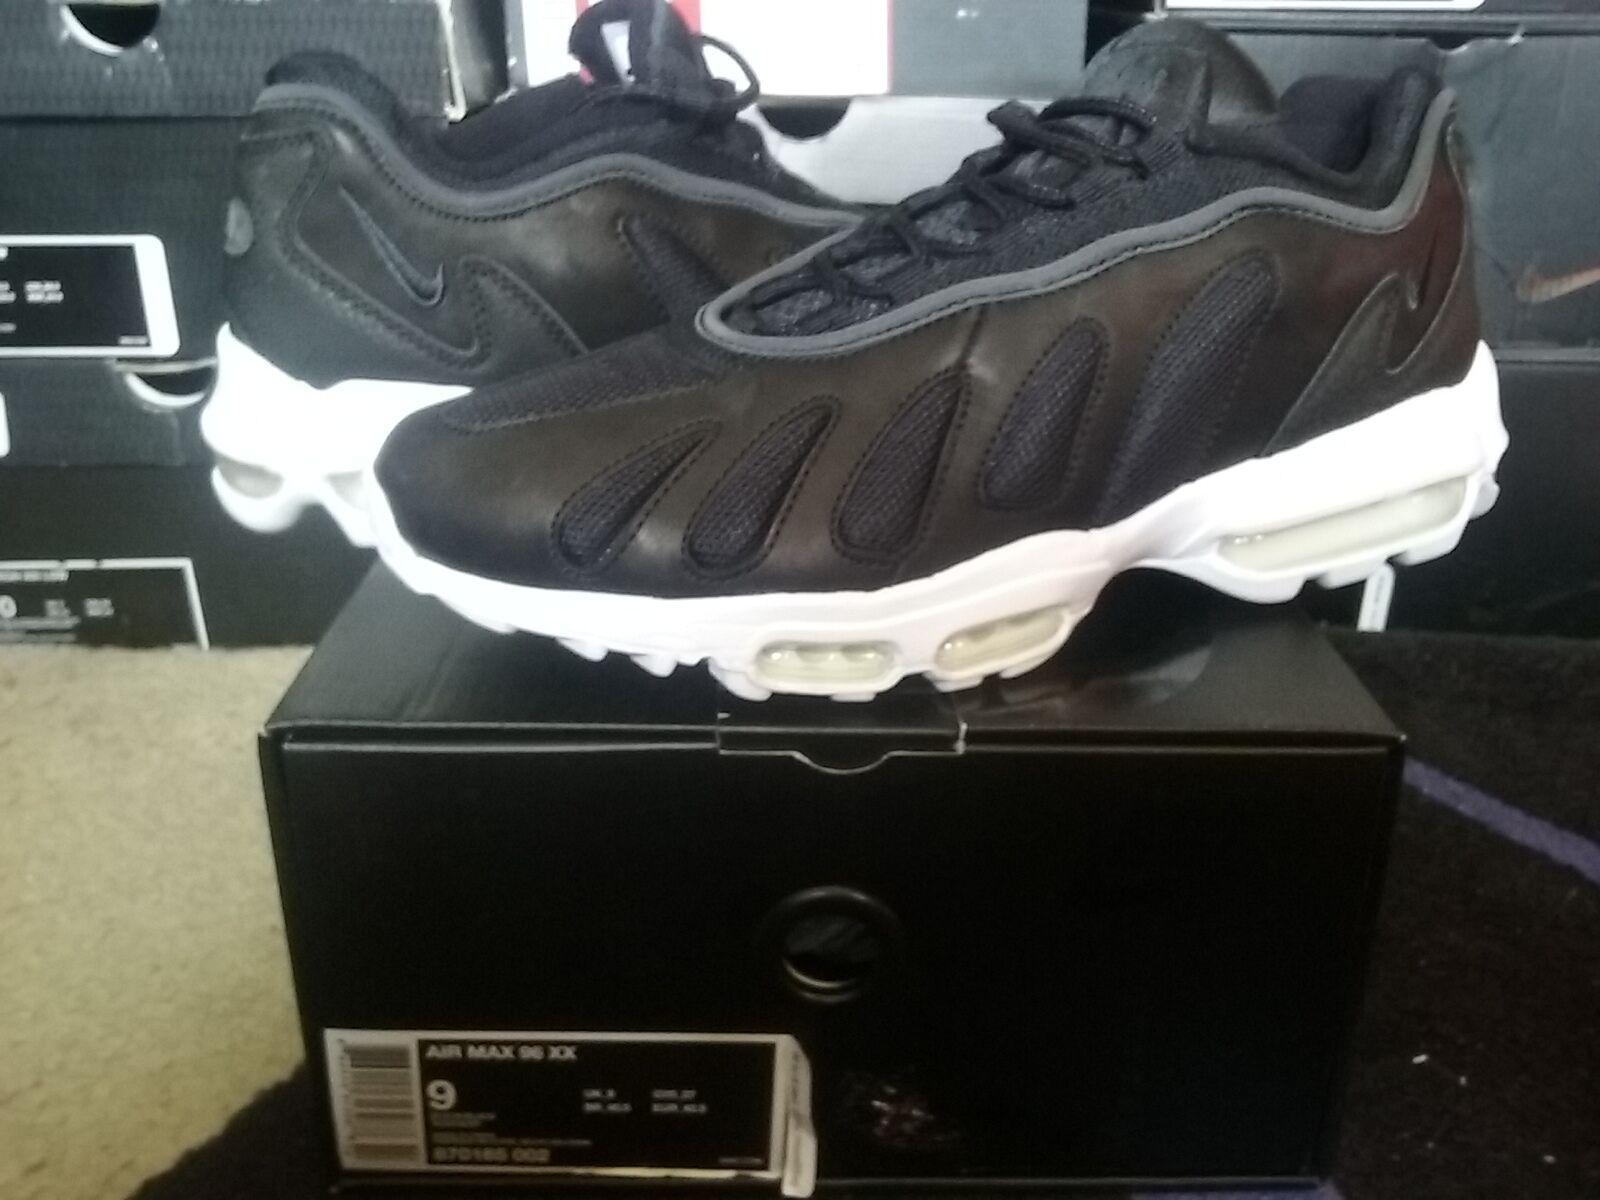 Nike Air Max 96 XX 20 NikeLab Black White plus retro b 1 90 93 95 360 870165 002